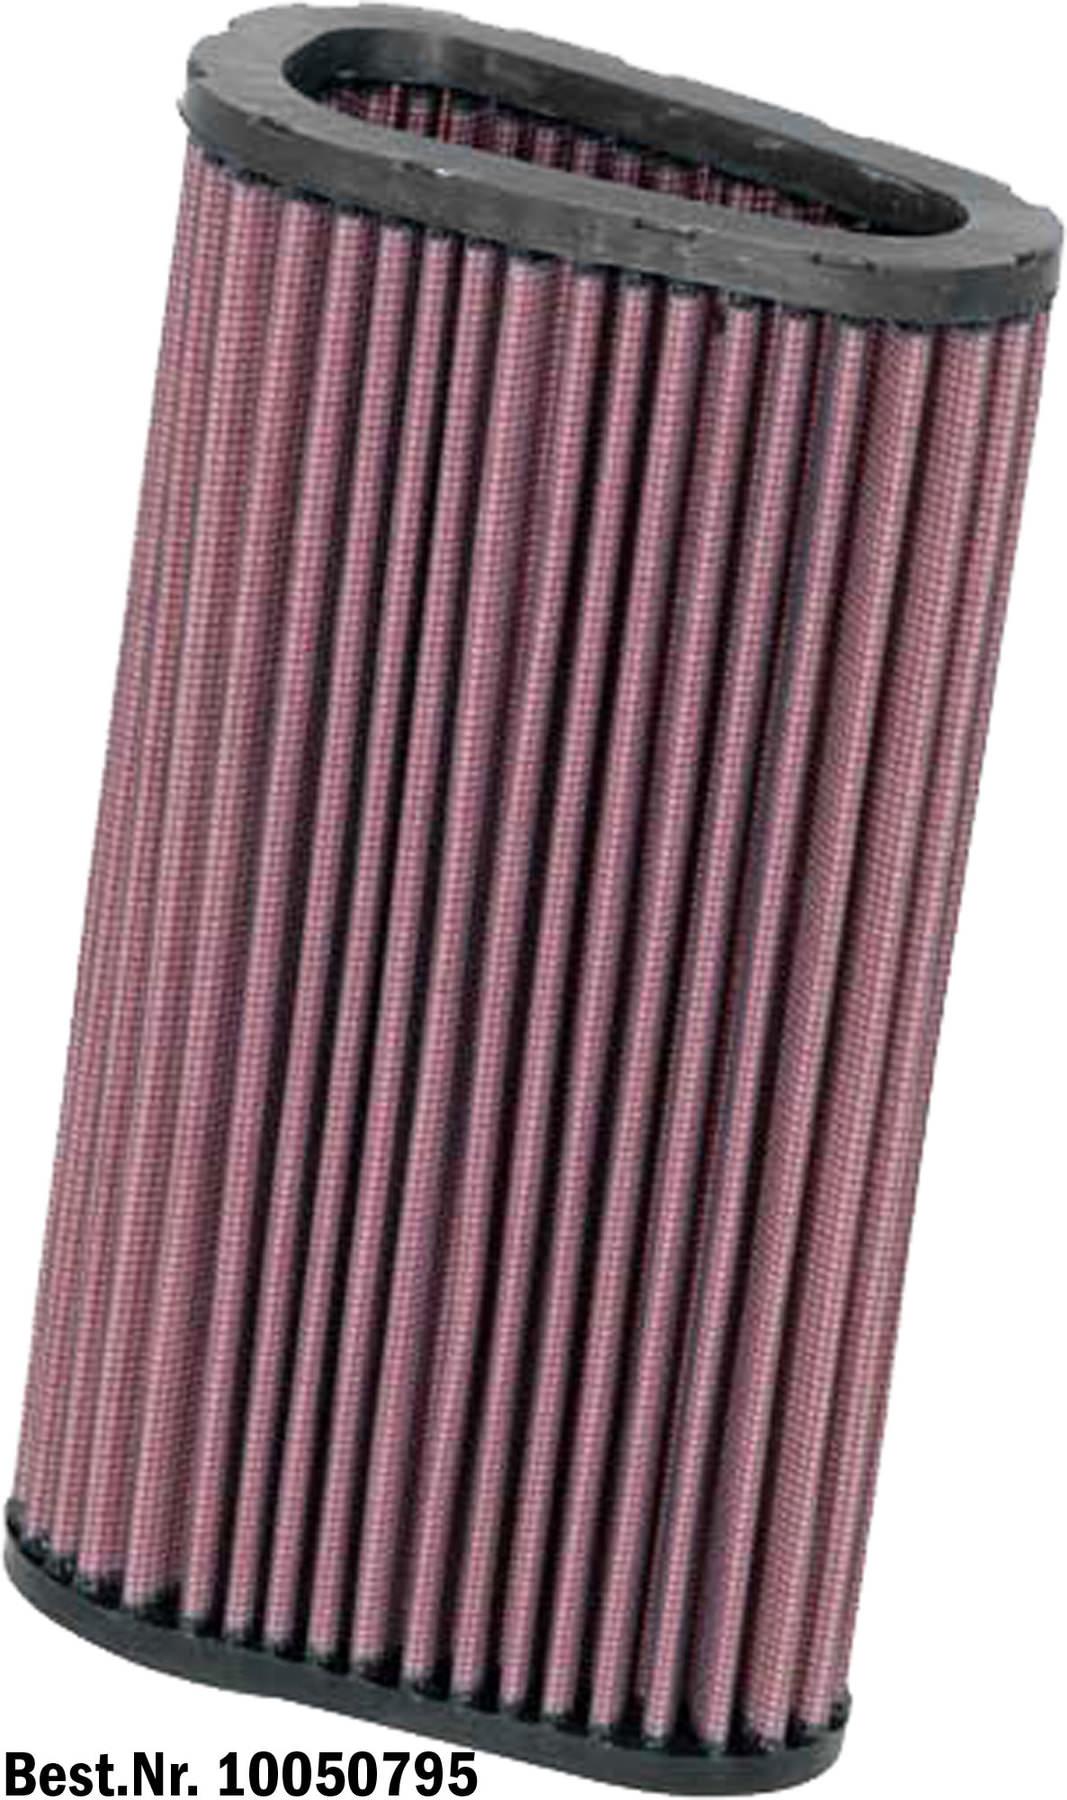 K/&N Sportluftfilter Tauschfilter E-1006